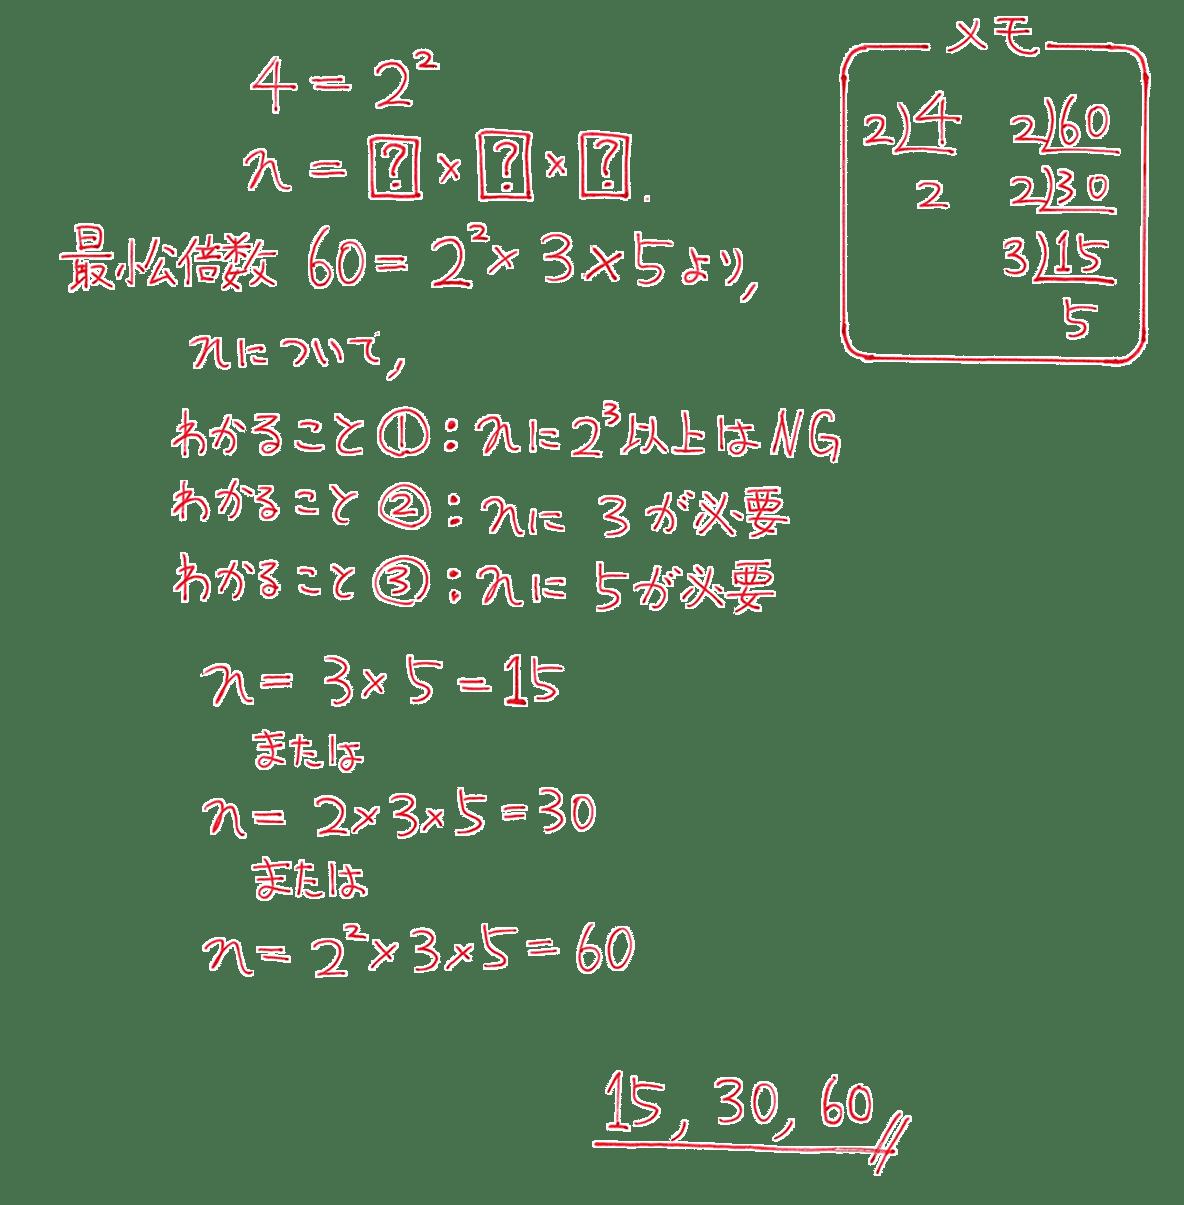 高校数学A 整数の性質13 練習の答え